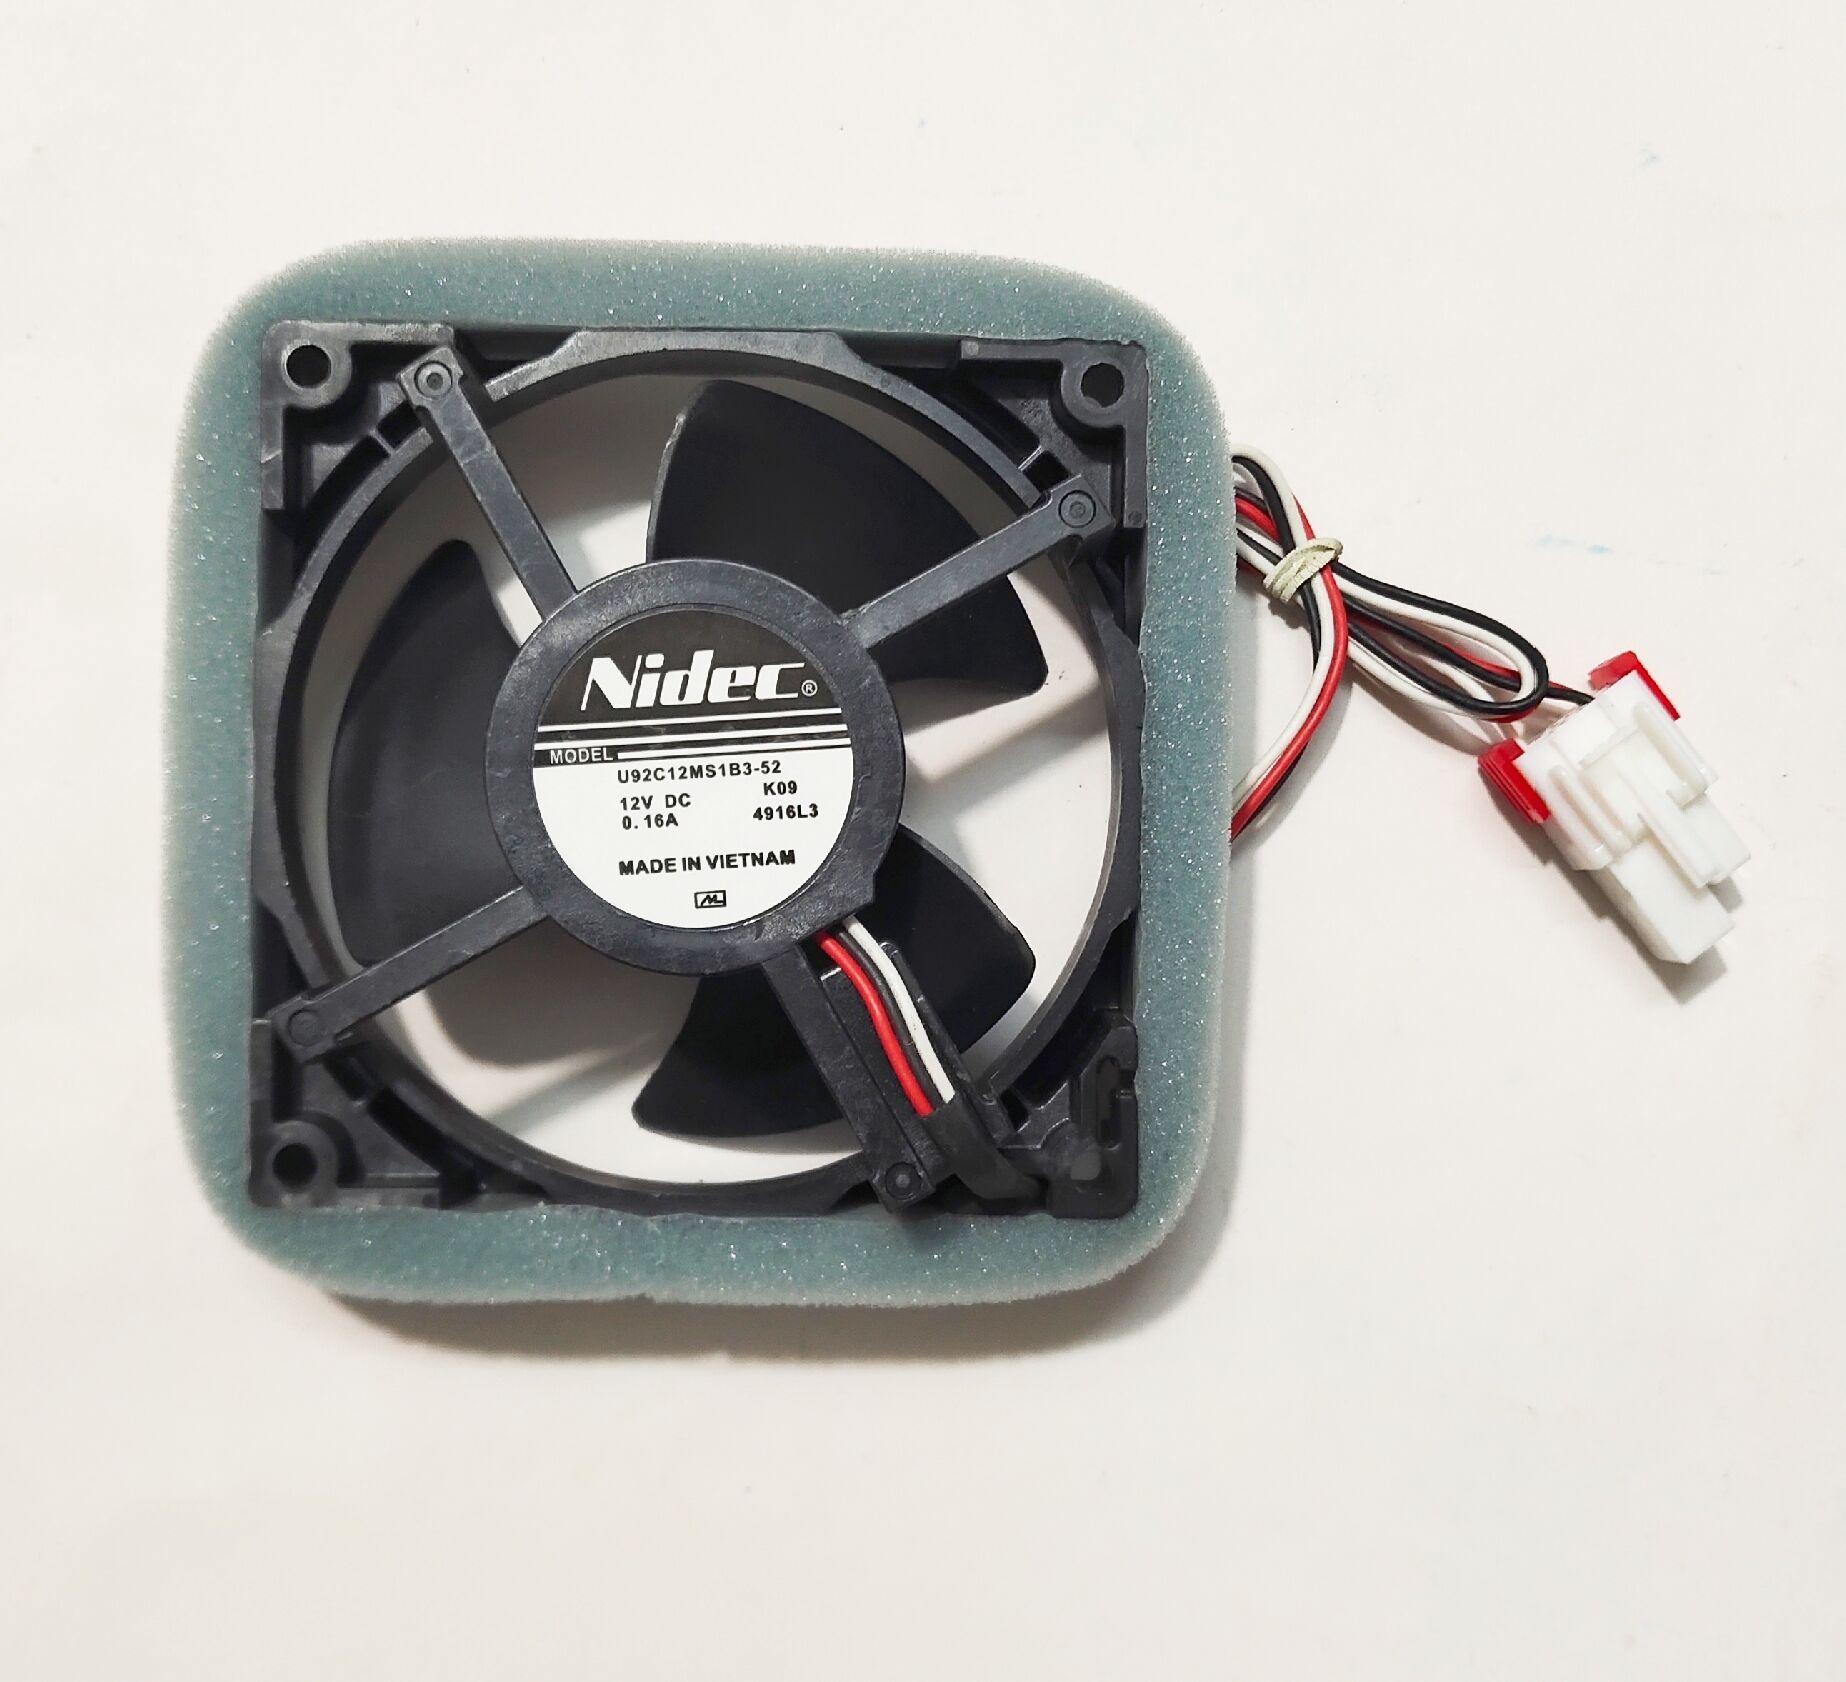 ventilateur de refroidissement réfrigéré New Original pour Nidec 9cm U92C12MS1B3-52 12V 0.16A refroidisseur imperméable à l'eau